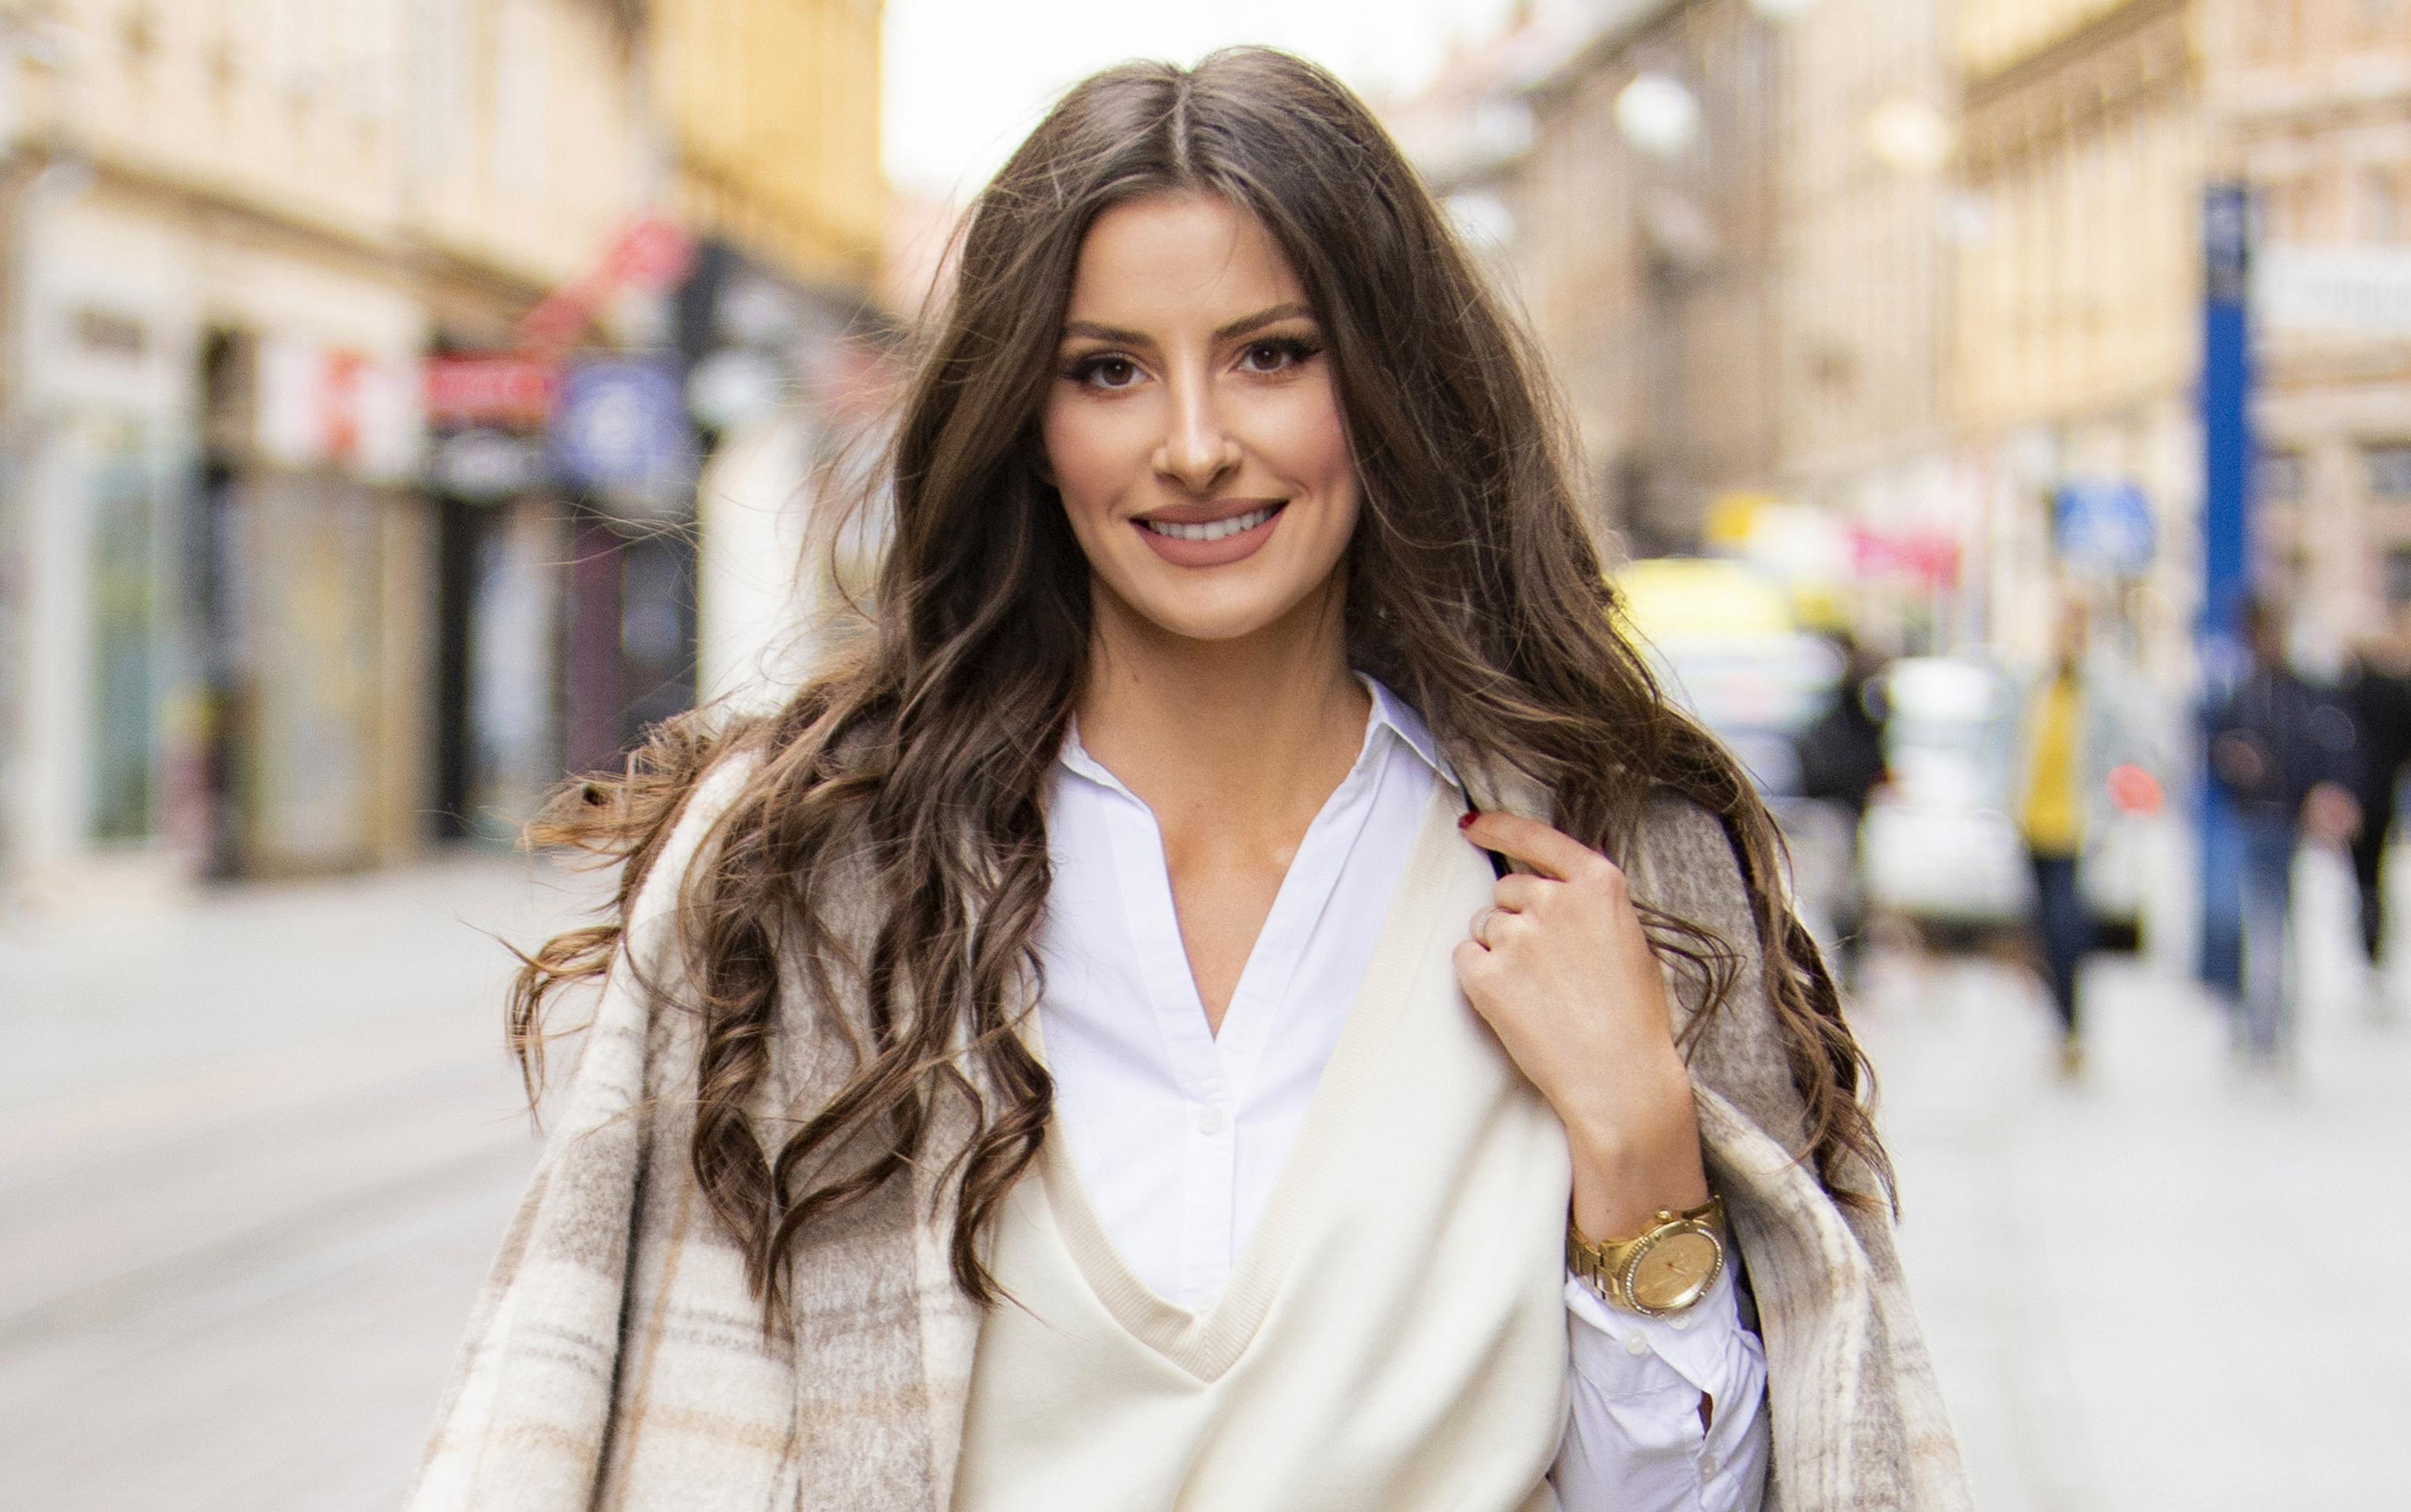 Stajling lijepe brinete odlična je inspiracija: 'Ne postoji nešto što ne bih nosila, mislim da se sve može lijepo iskombinirati'